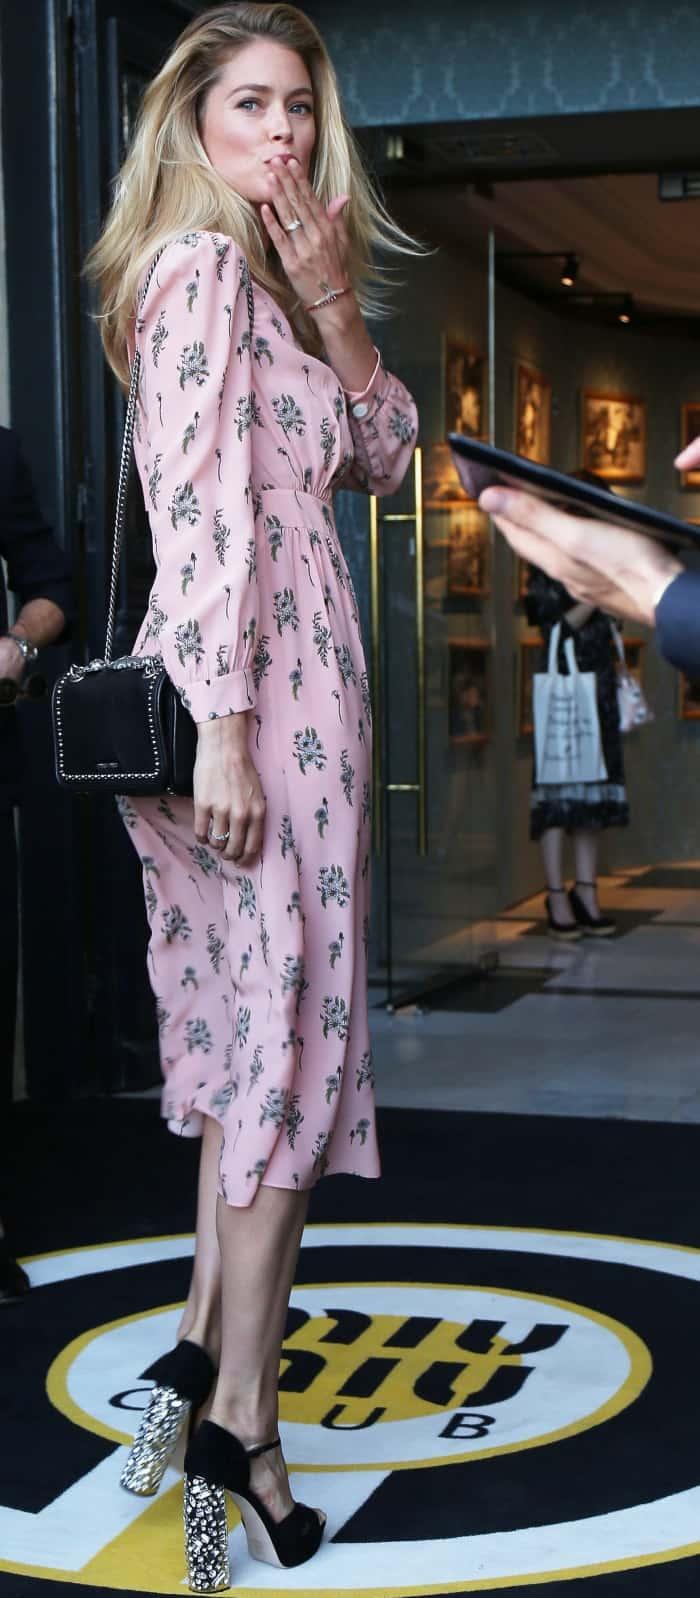 Doutzen Kroes attending the Miu Miu Cruise 2018 fashion show during Paris Haute Couture Fashion Week